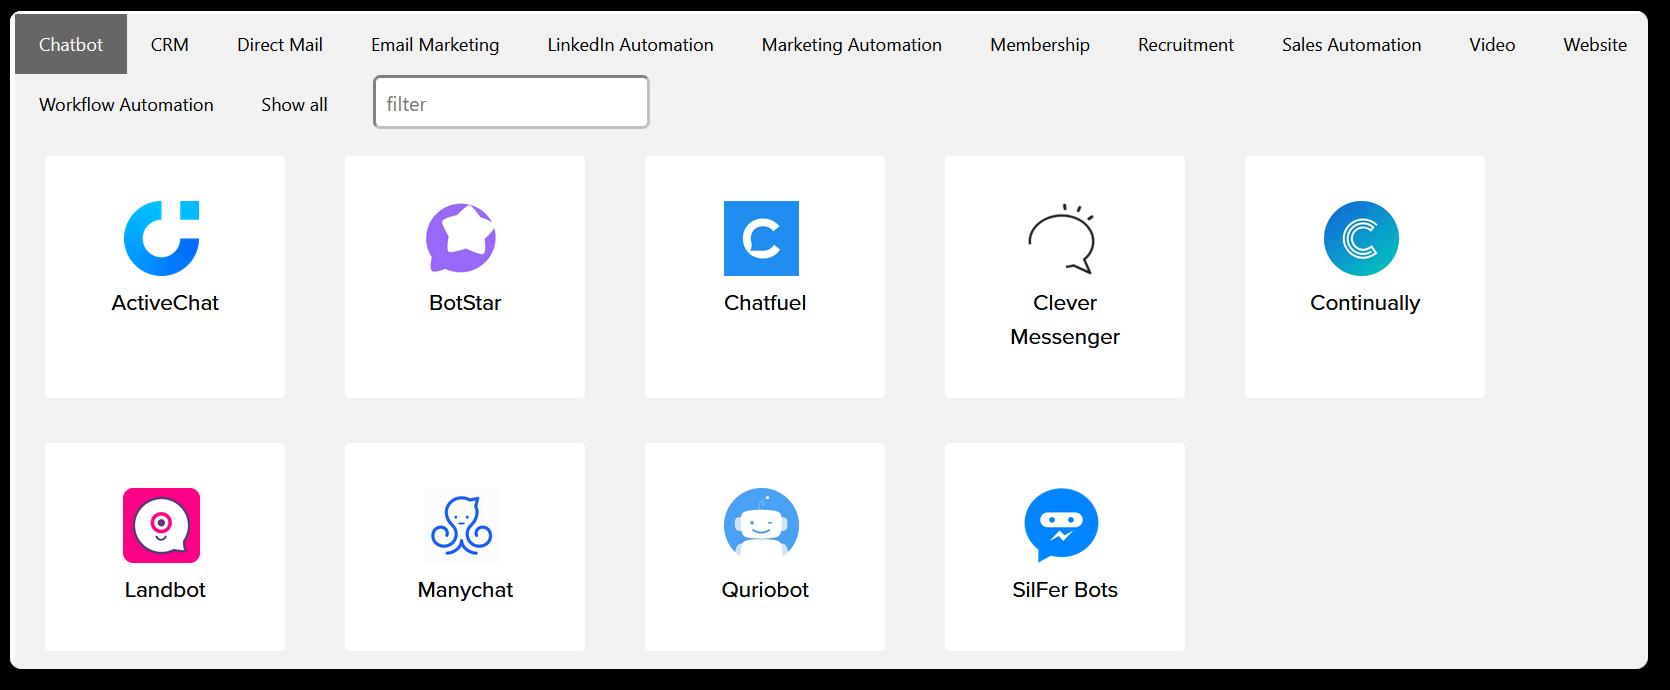 Chatbot communication